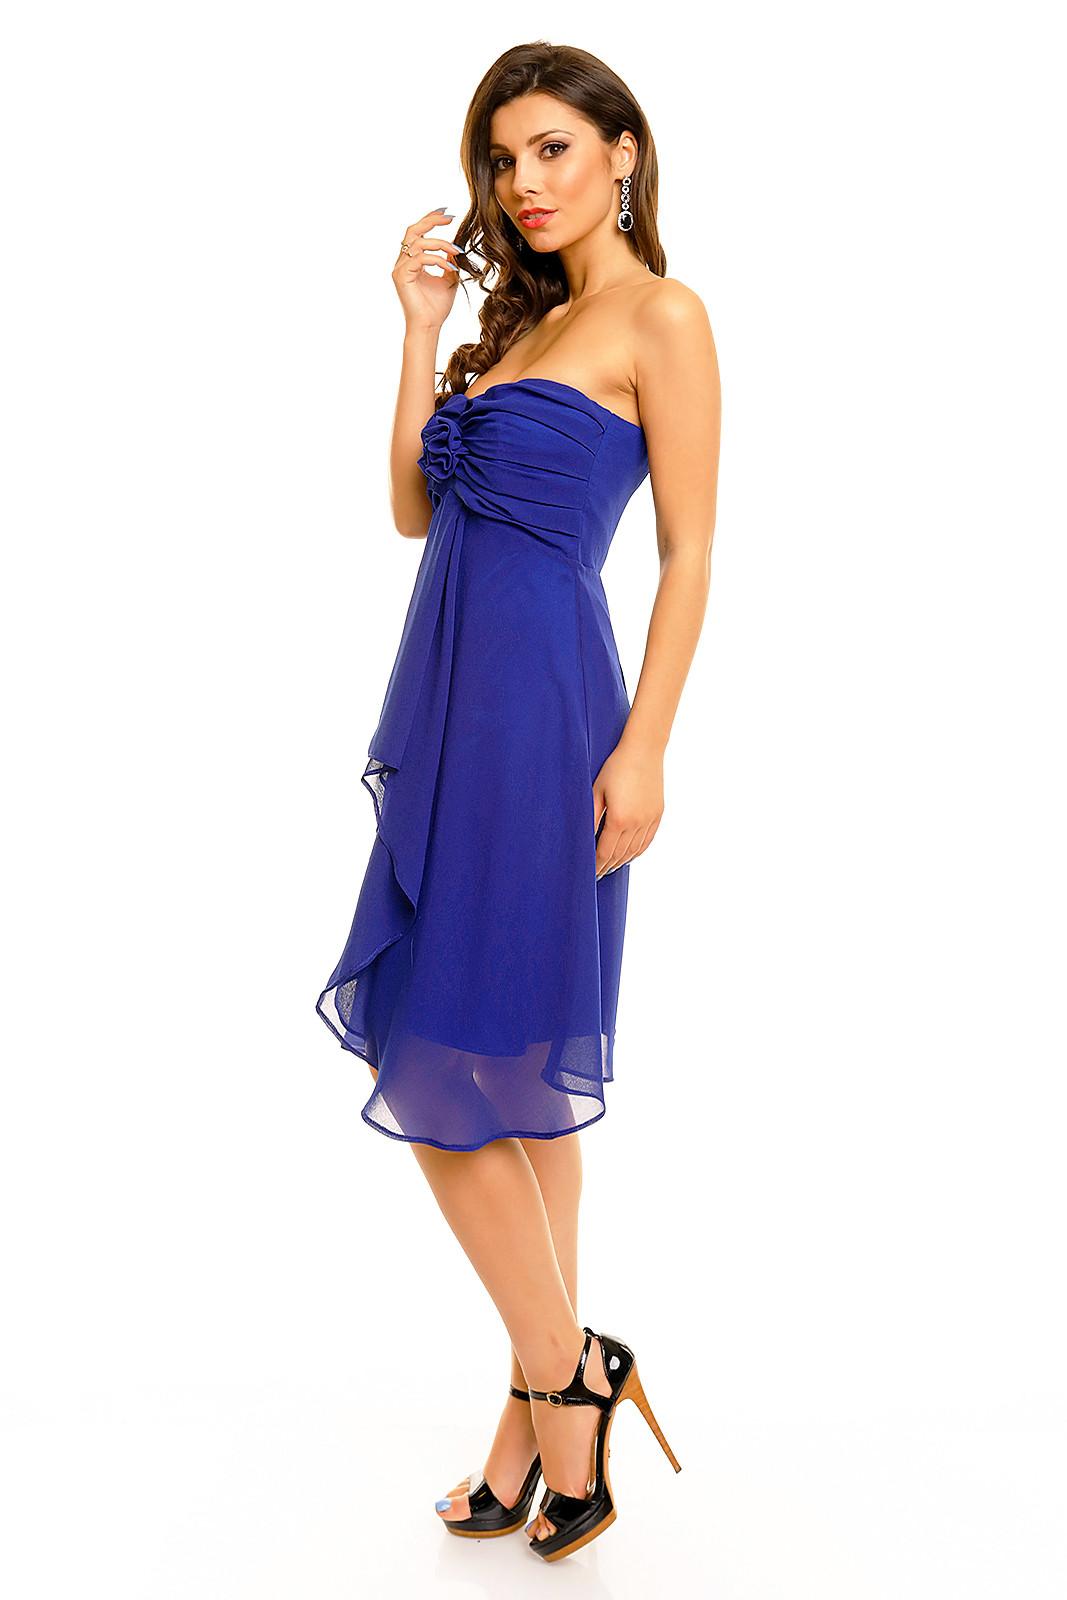 Dámské šaty MAYAADI HS-255 - Tmavě modré XL